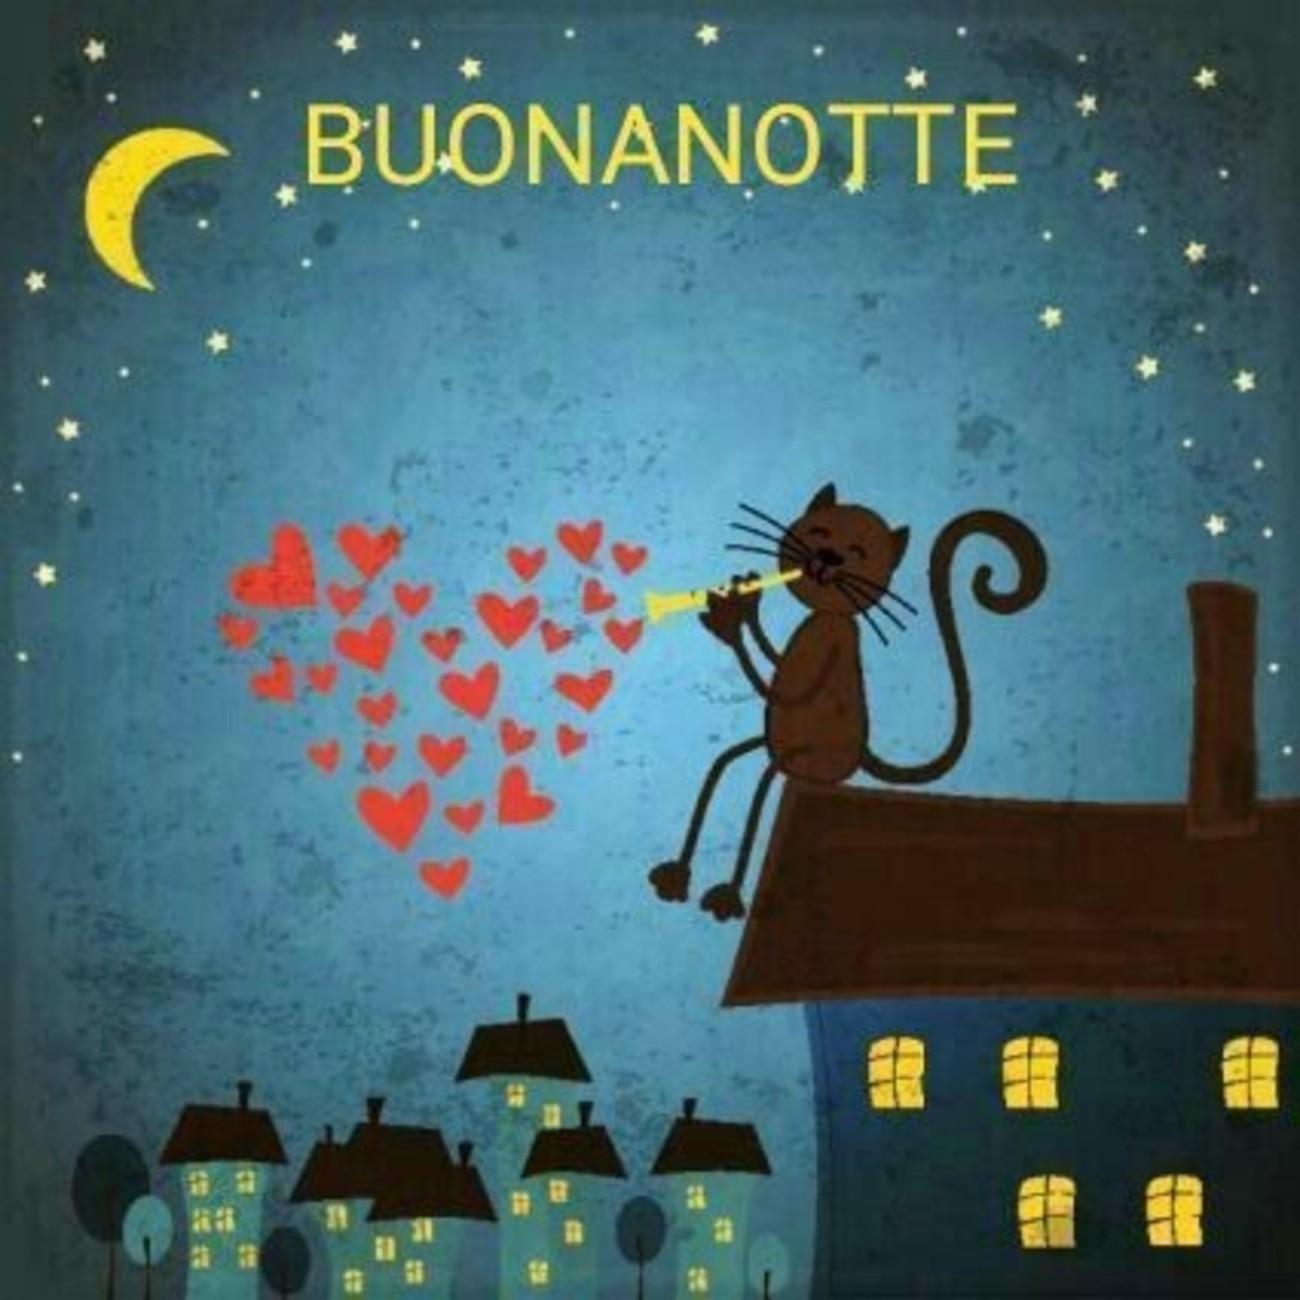 Belle Immagini Buonanotte Per Pinterest 2 Buongiornoate It